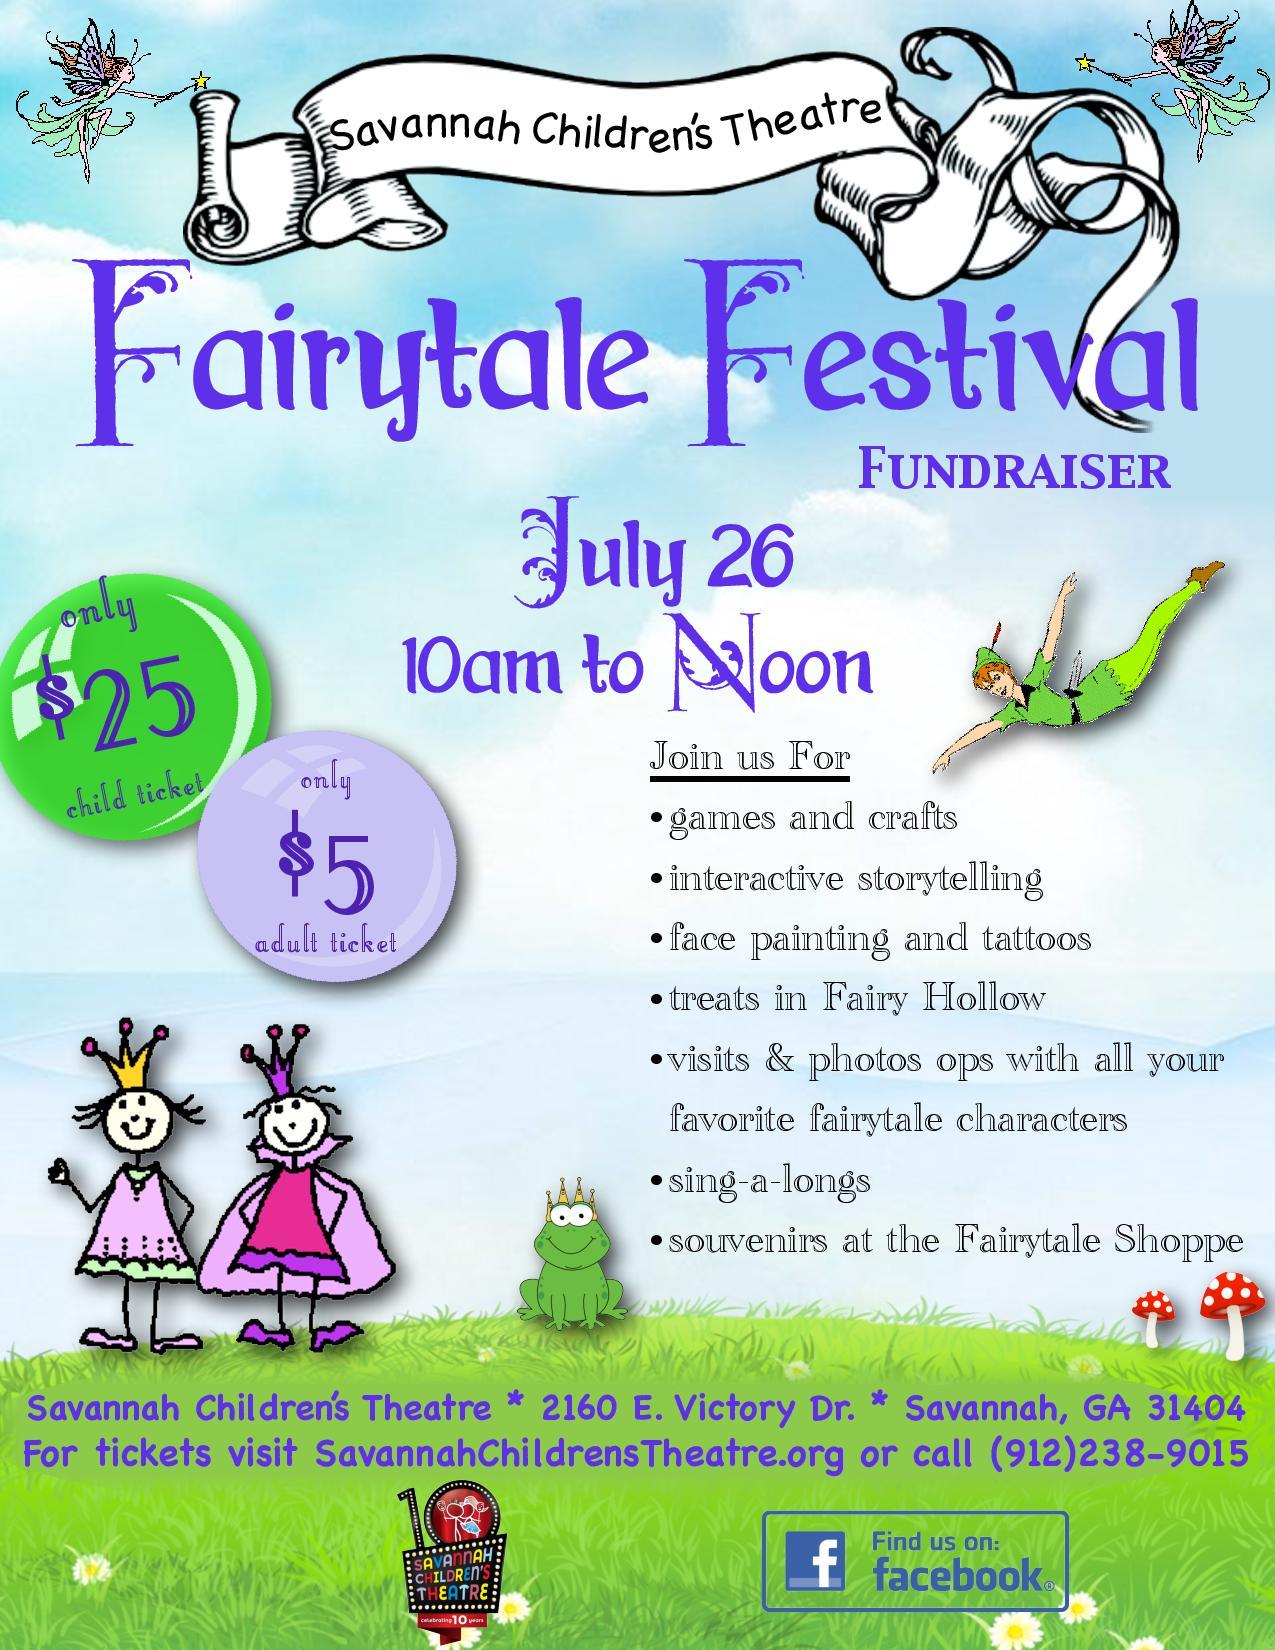 Fairtytale Festival princess party Savannah